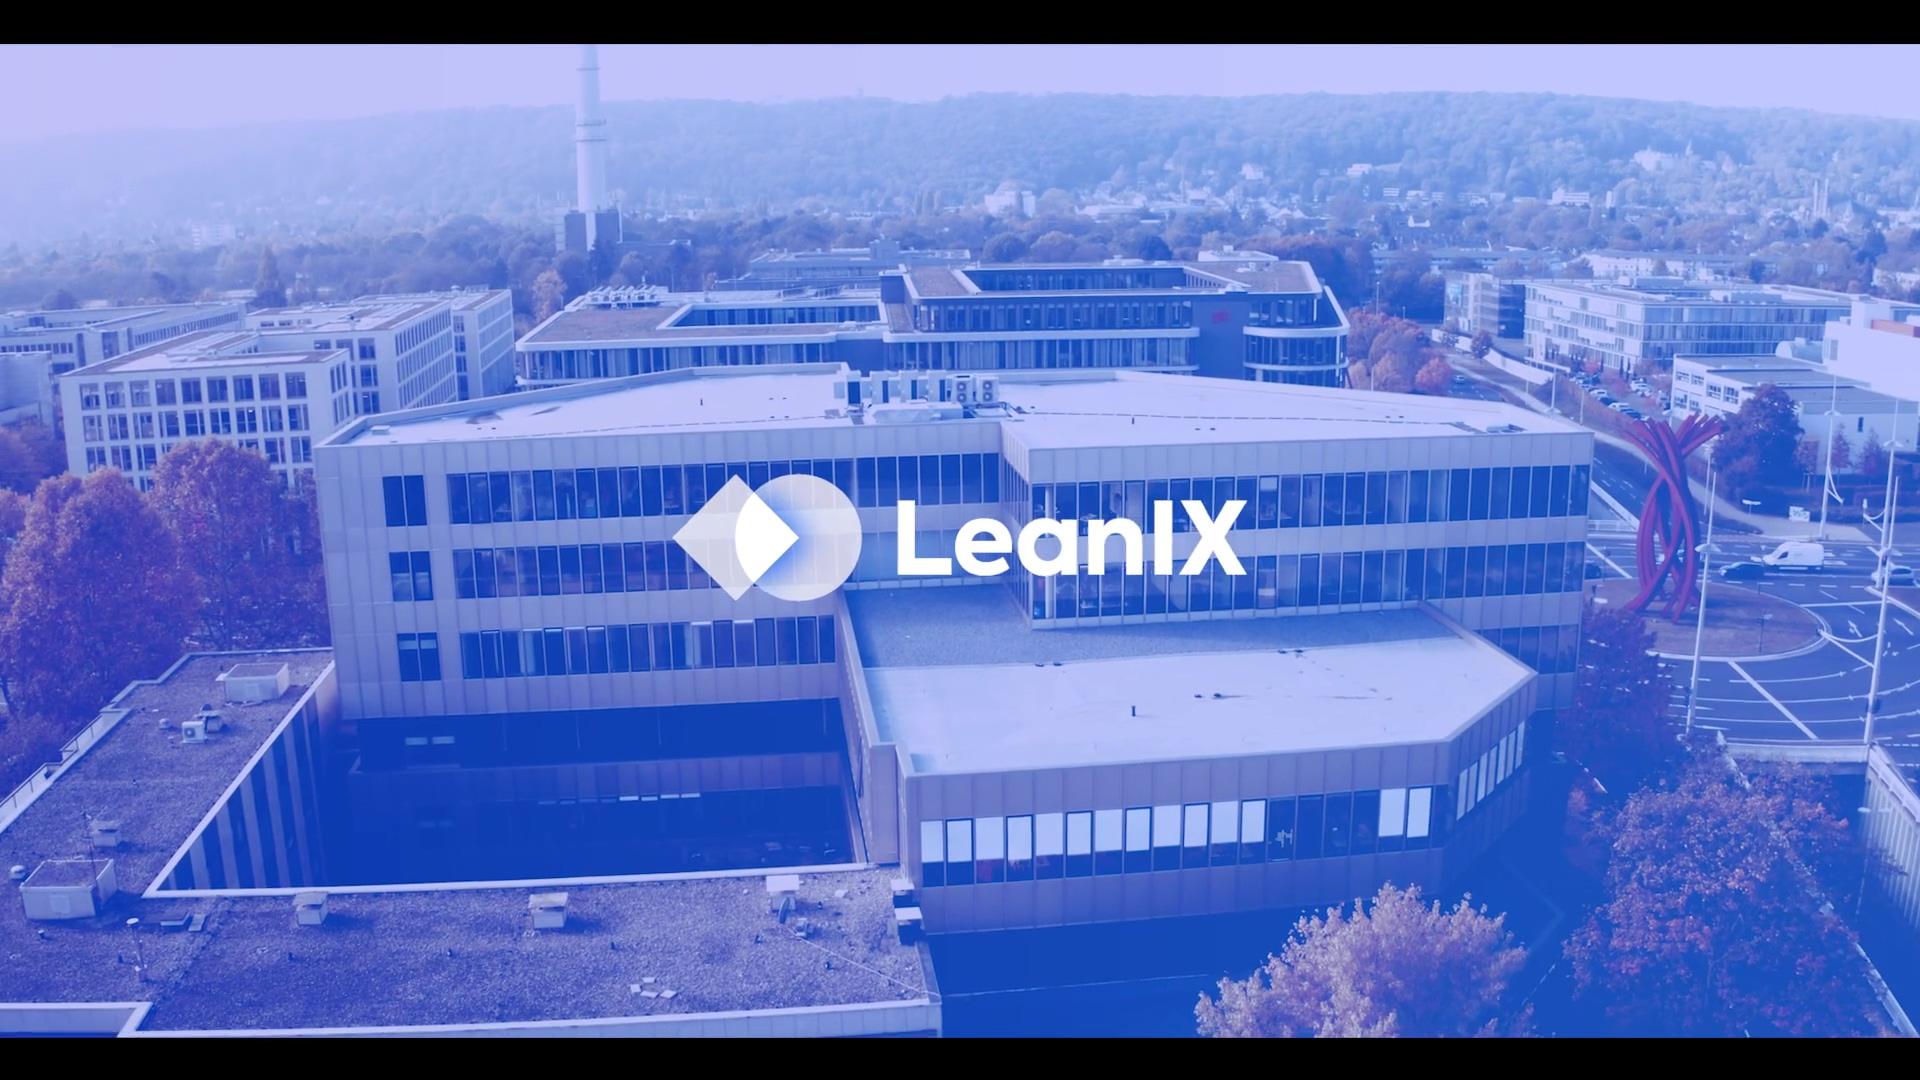 LeanIX_Imagefilm_25.11_neu-thumb